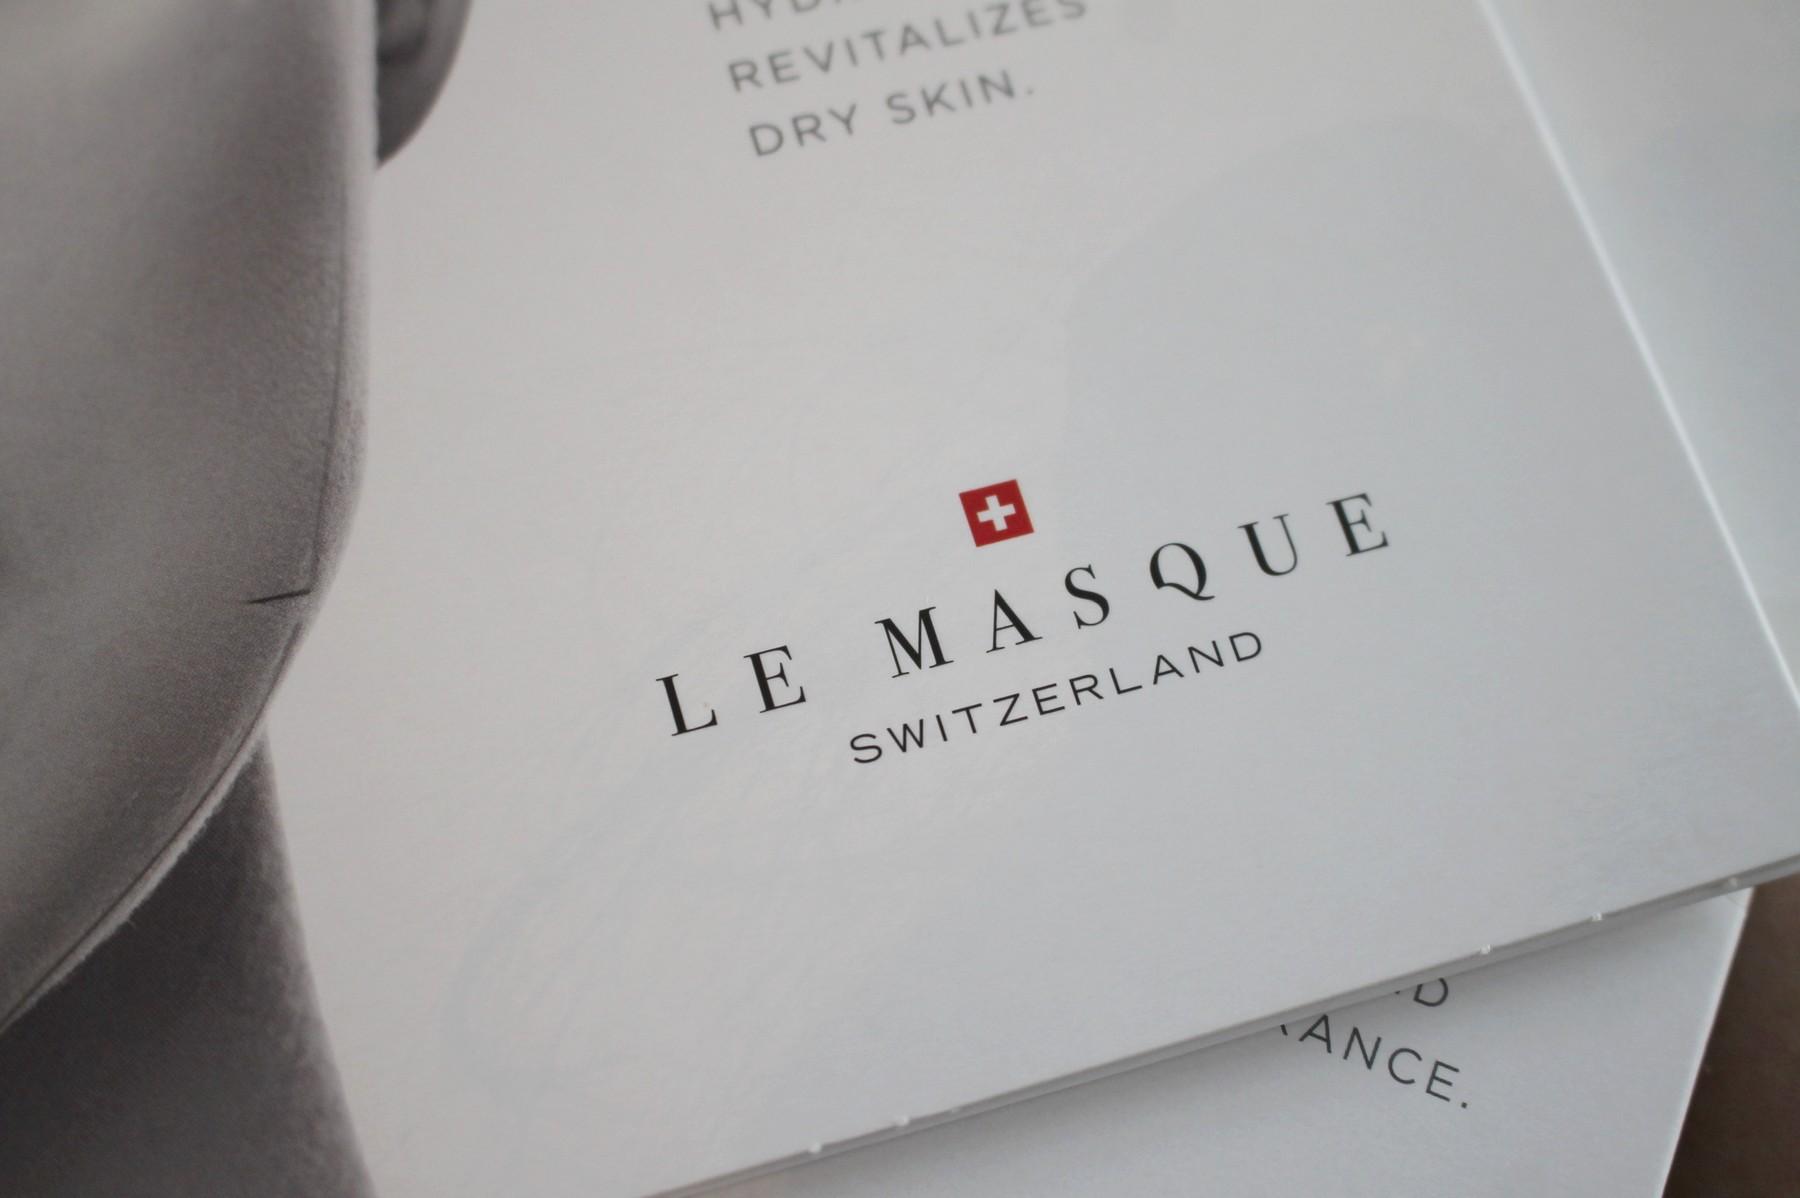 LEMASQUE1